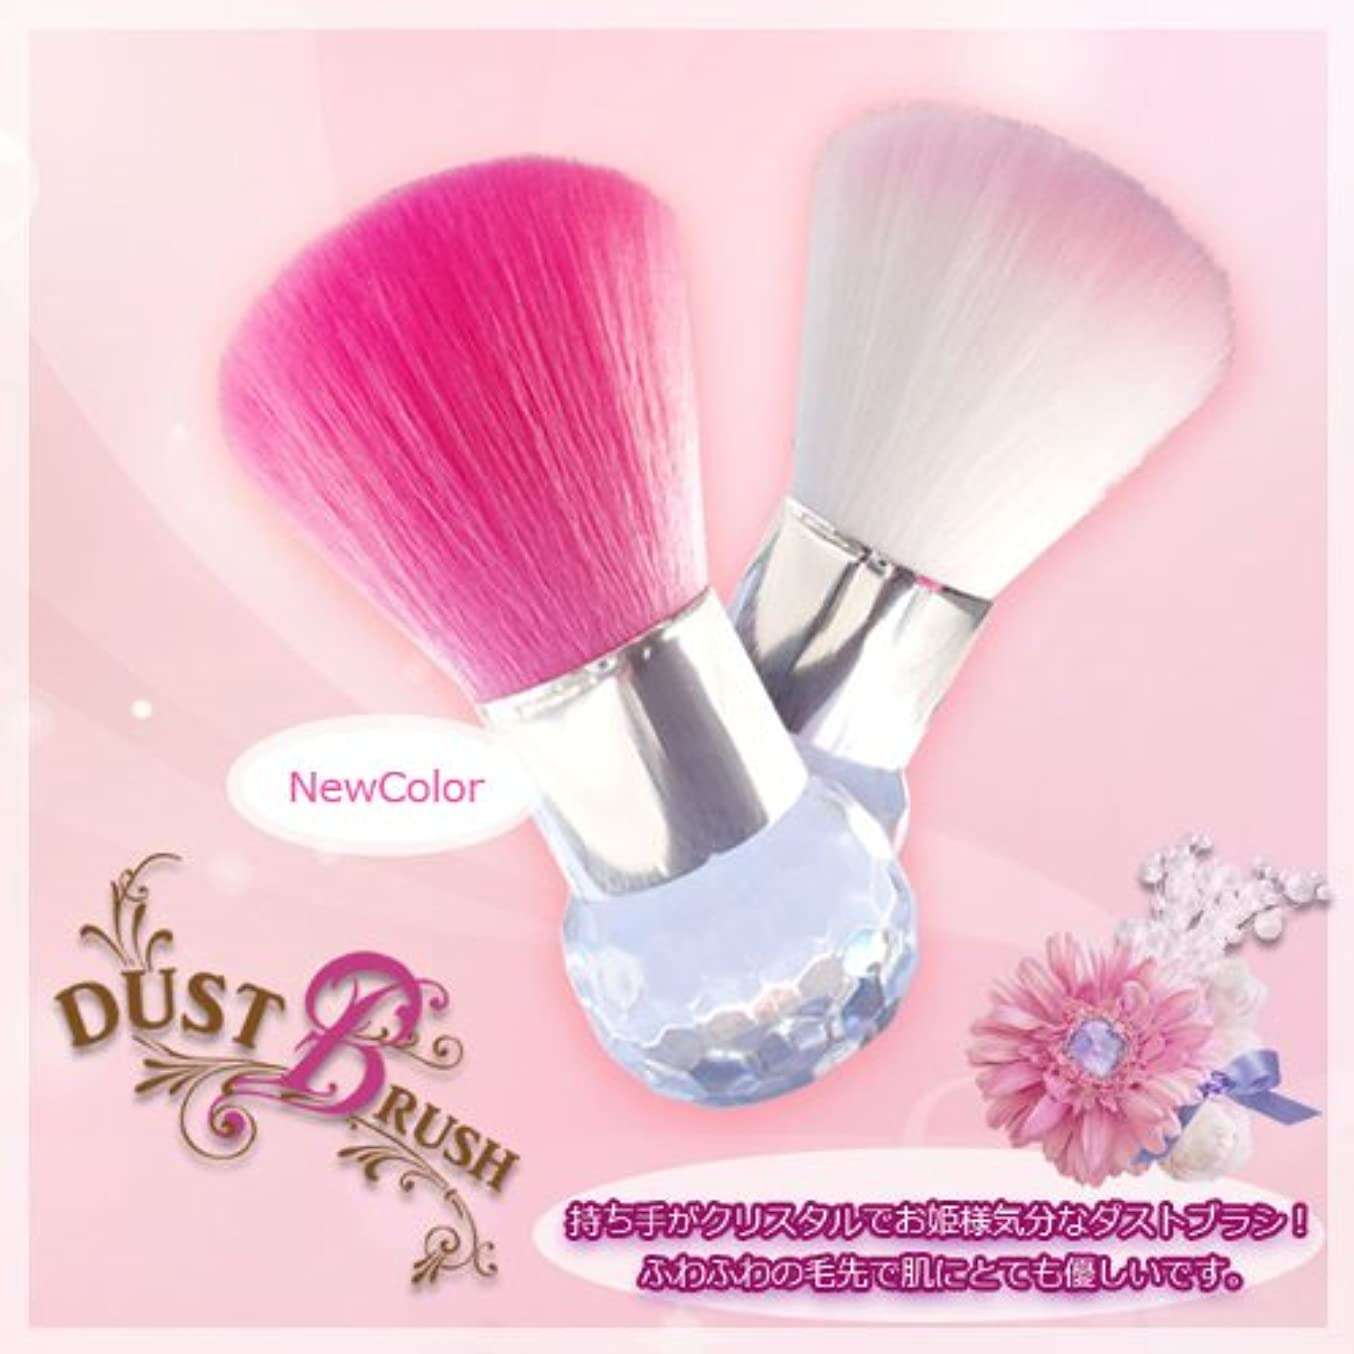 ウールごみ繰り返す【ジェルネイル】ネイルダストブラシ〈 微粒子ナイロン製 〉2カラー (ホワイトピンク)